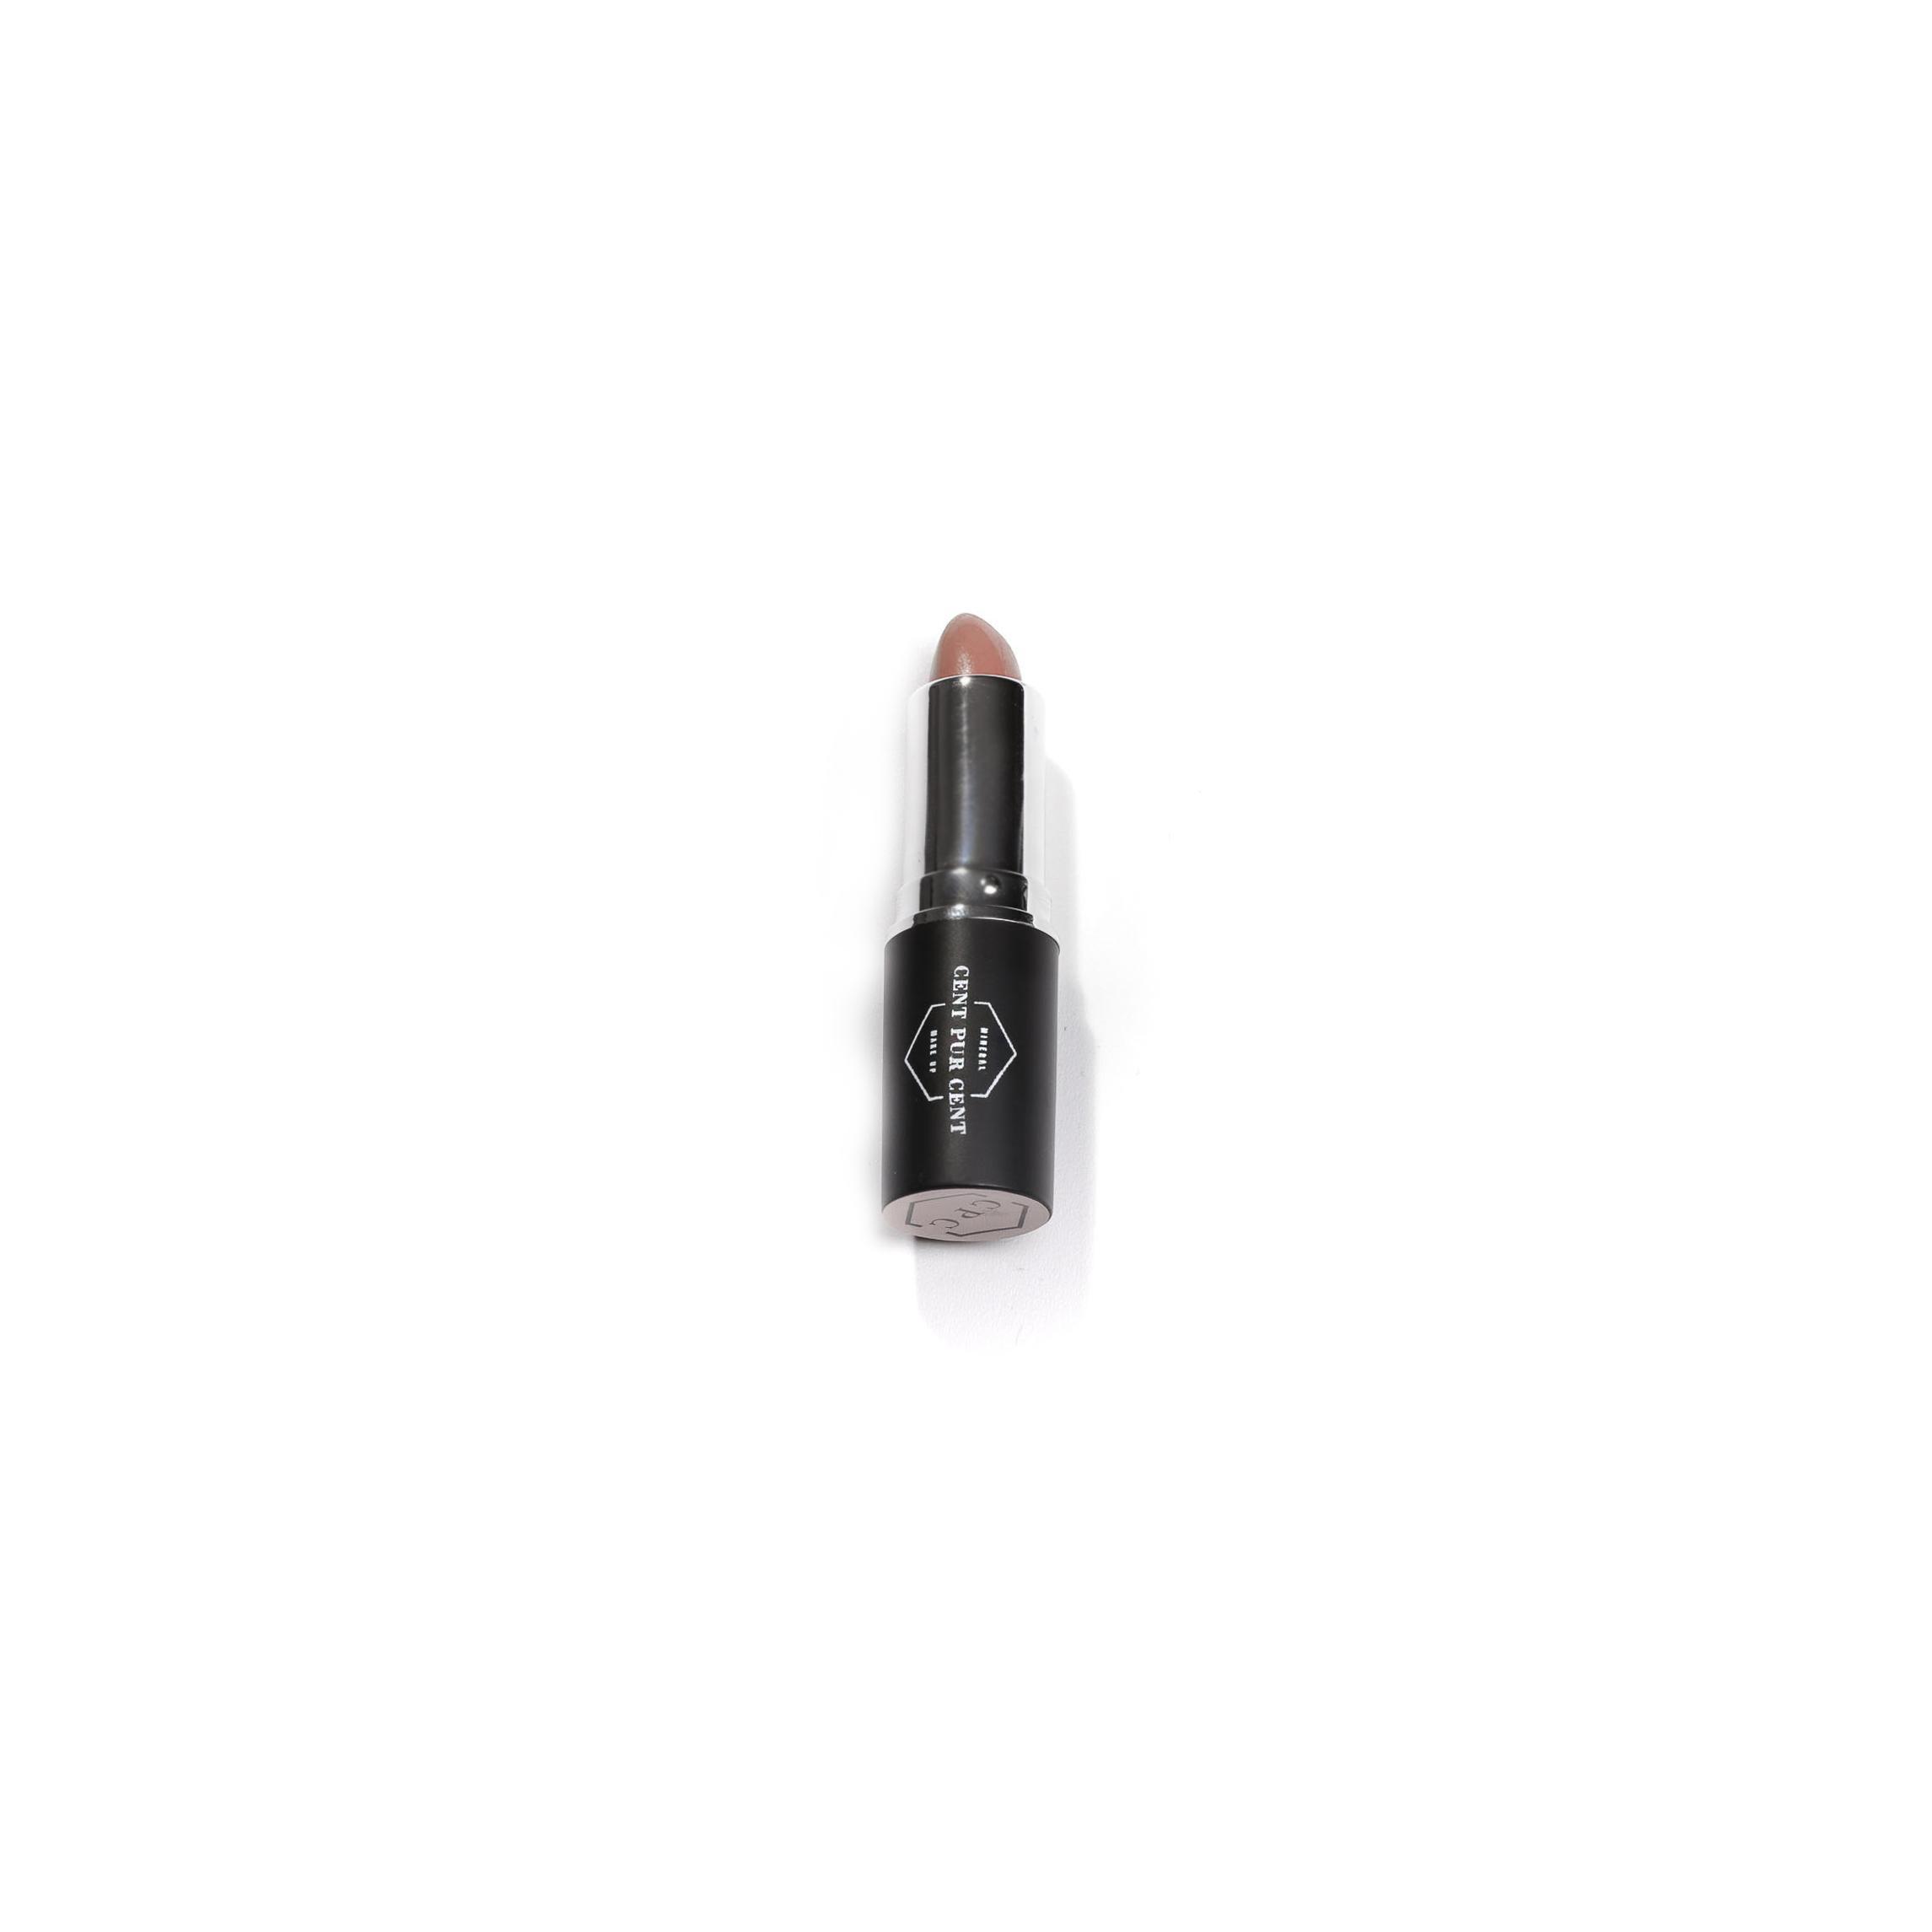 Cent Pur Cent Mineral Lipstick Nude Parfait